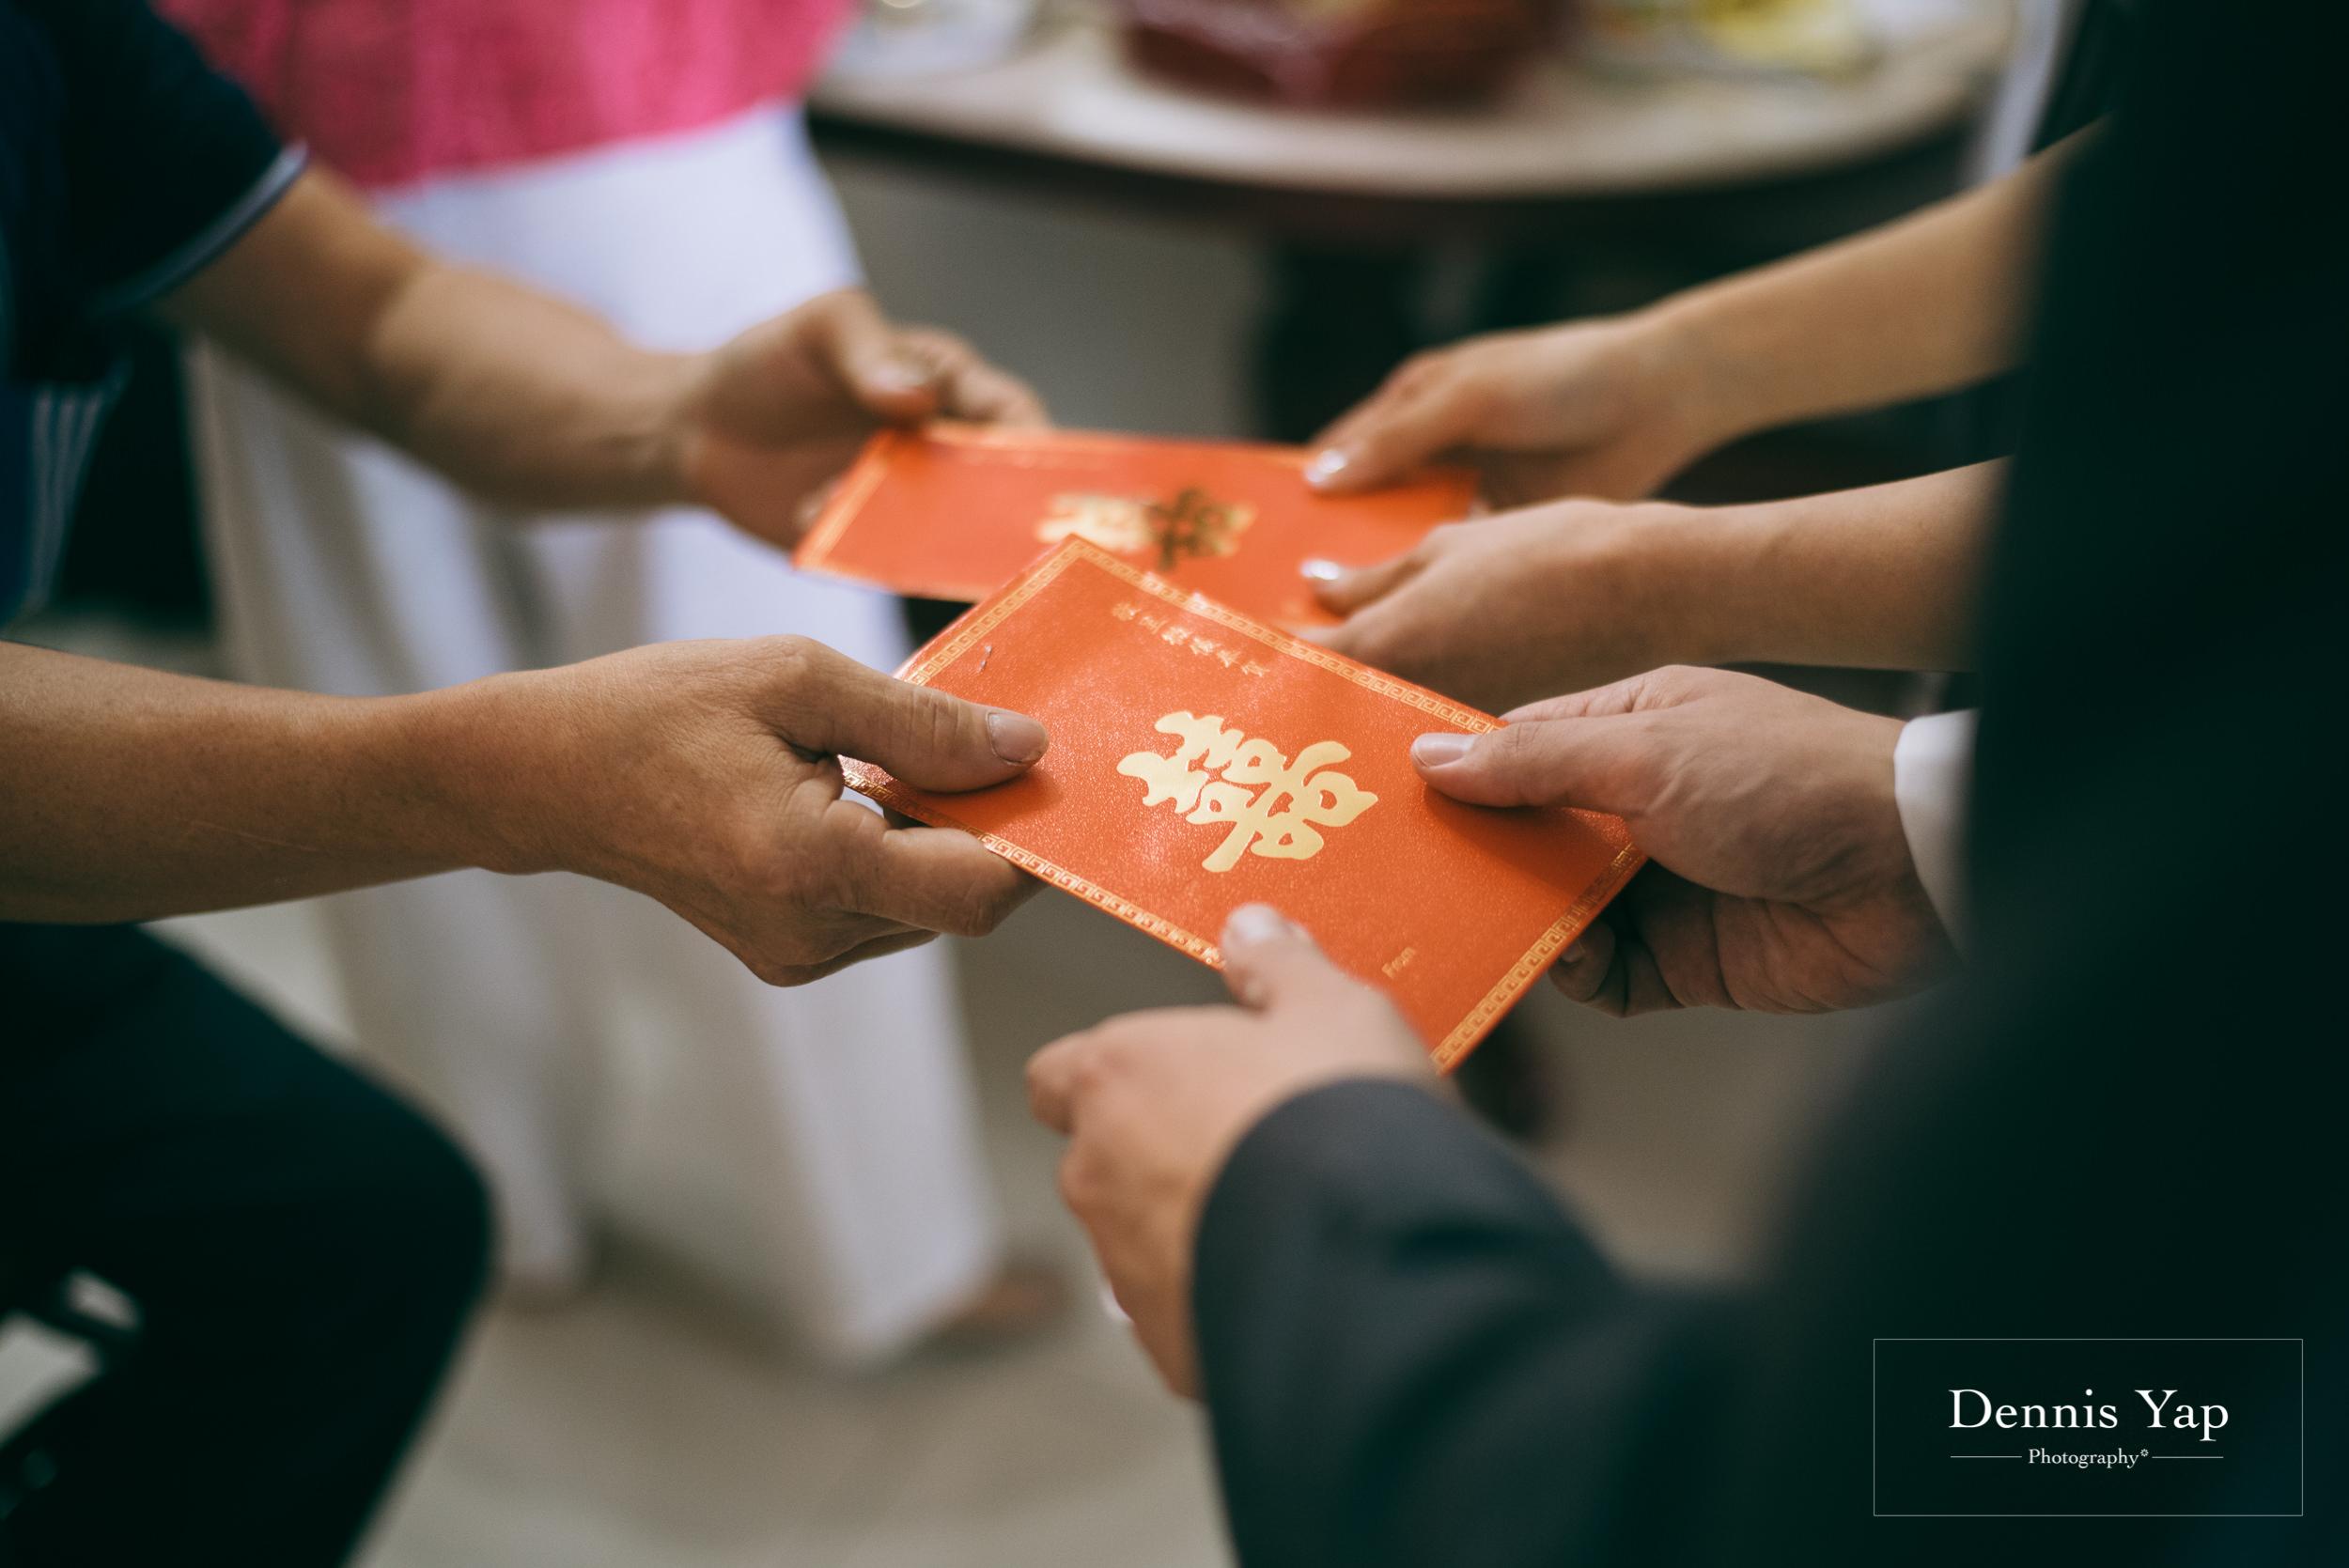 hwa sean jing yee wedding day dennis yap photography-75.jpg